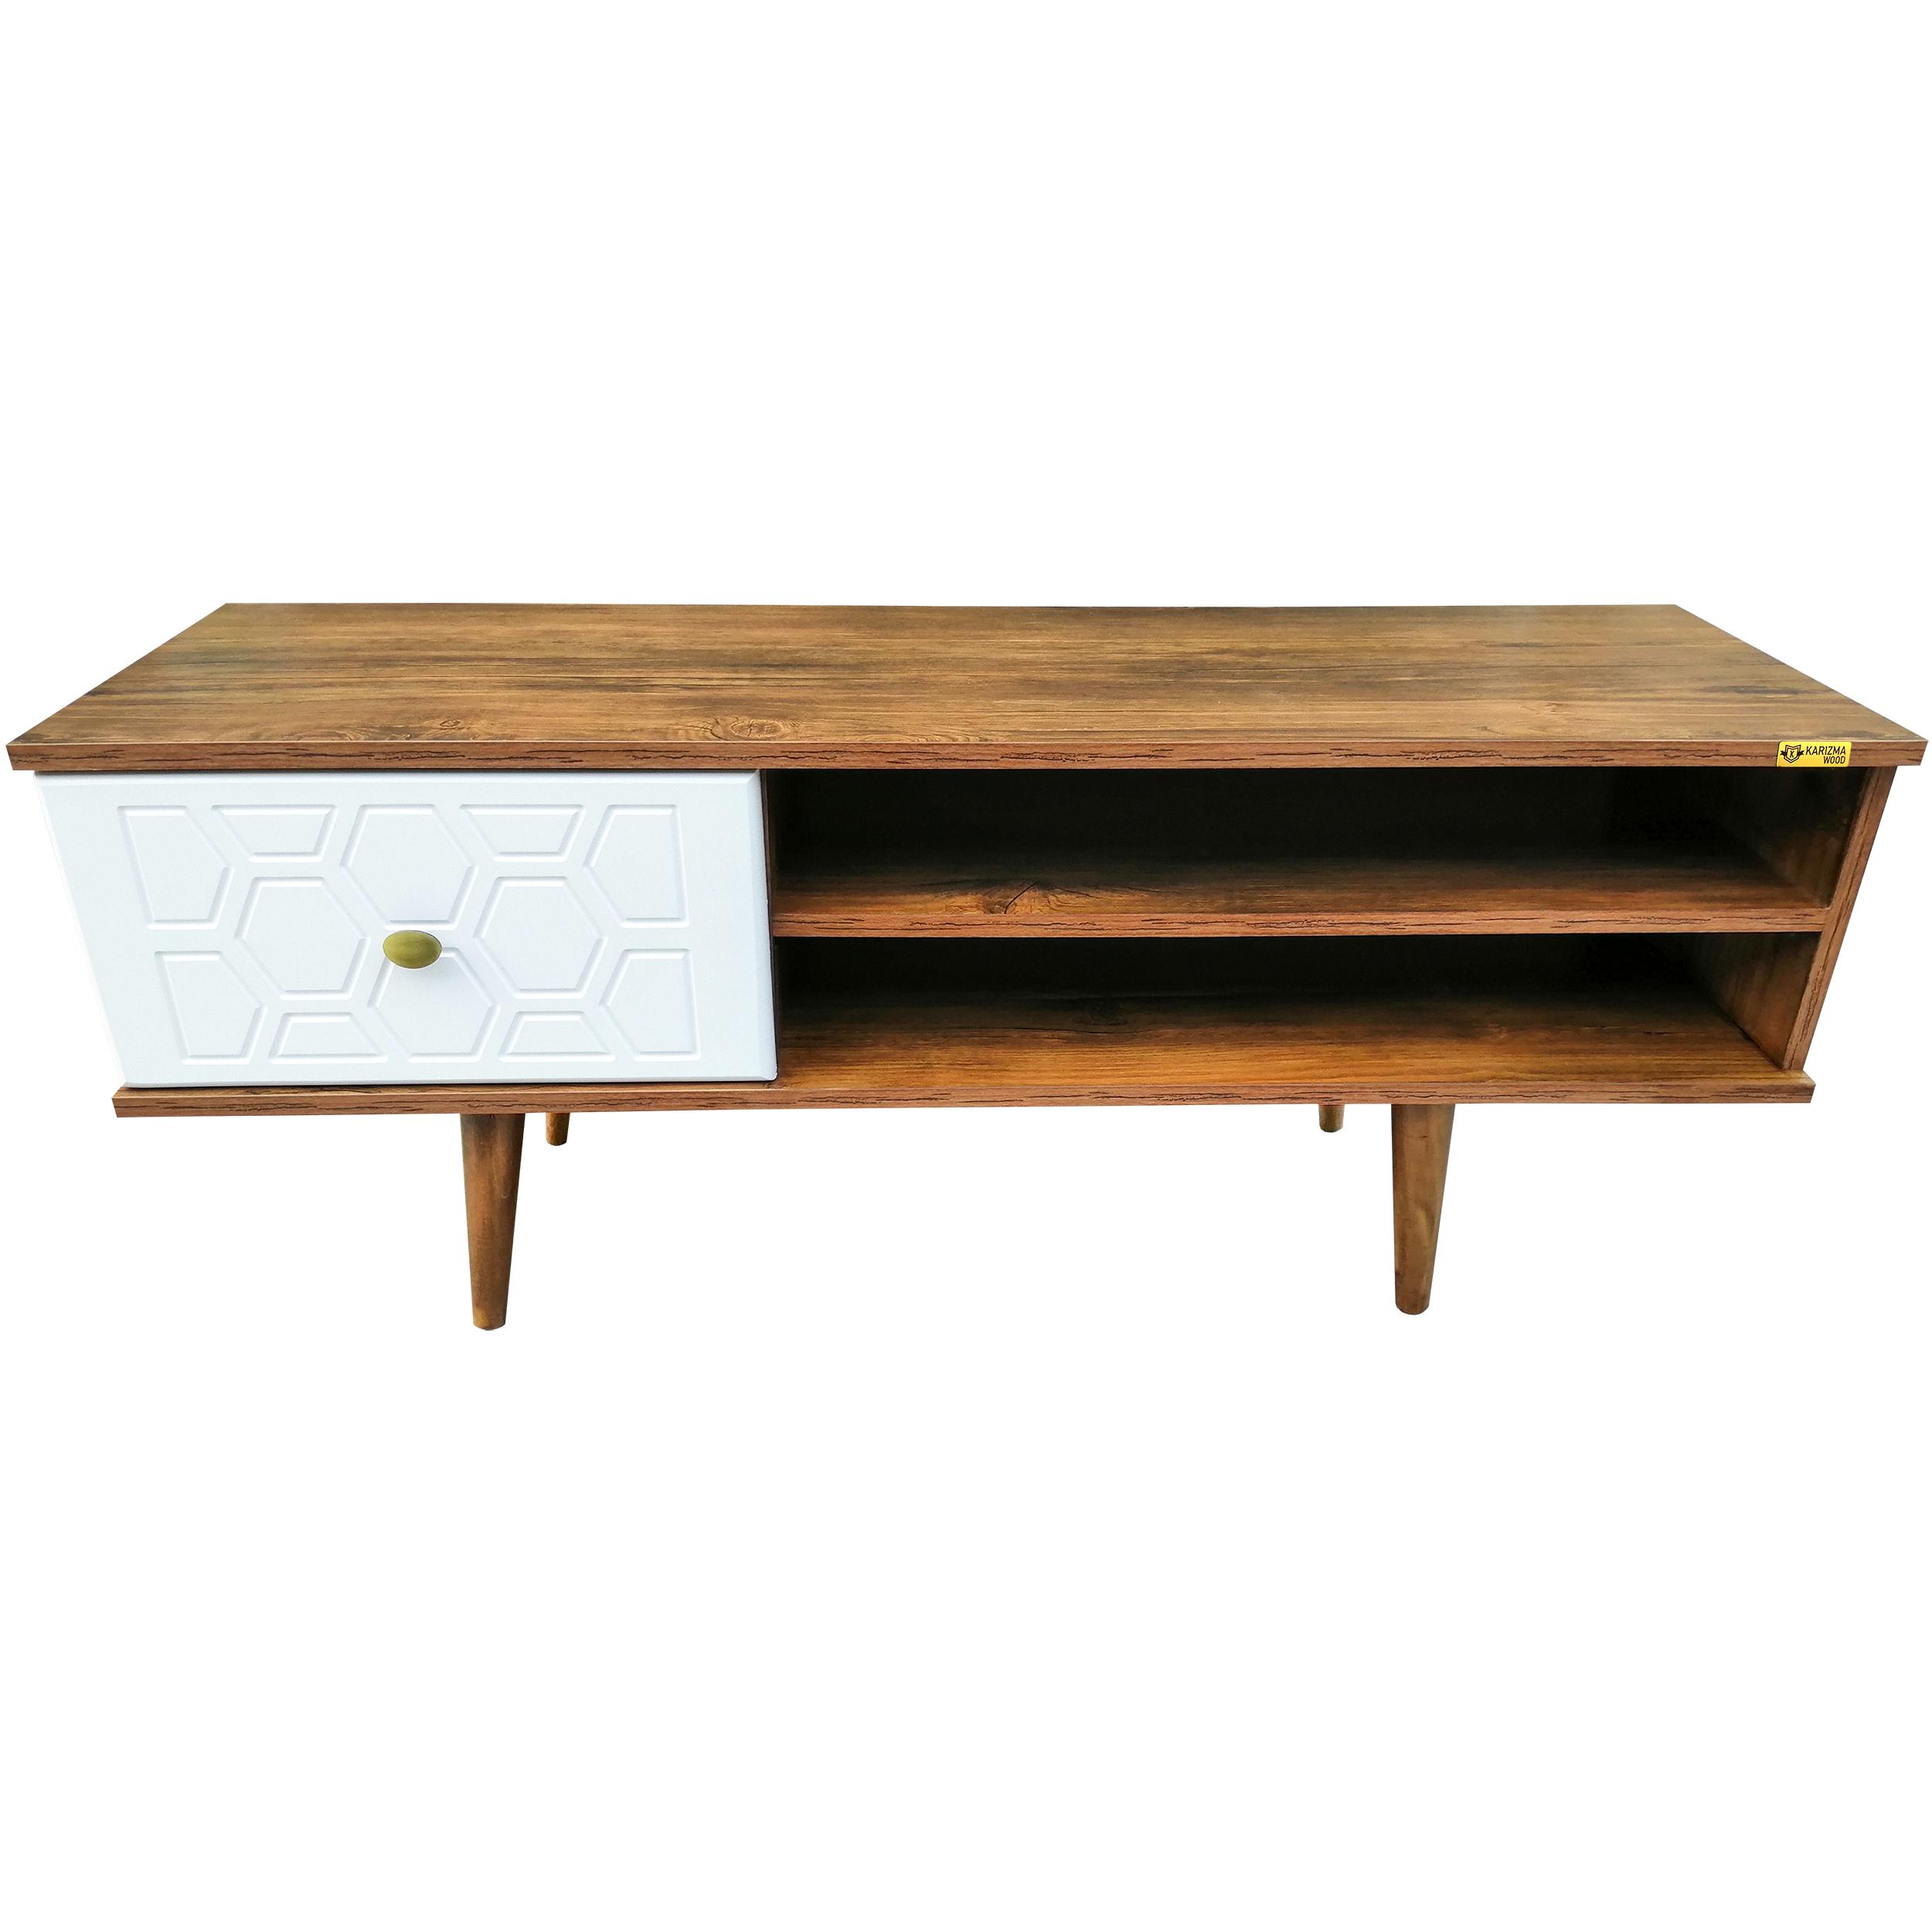 خرید اینترنتی میز تلویزیون کاریزما وود مدل A.Kn.W.205 اورجینال